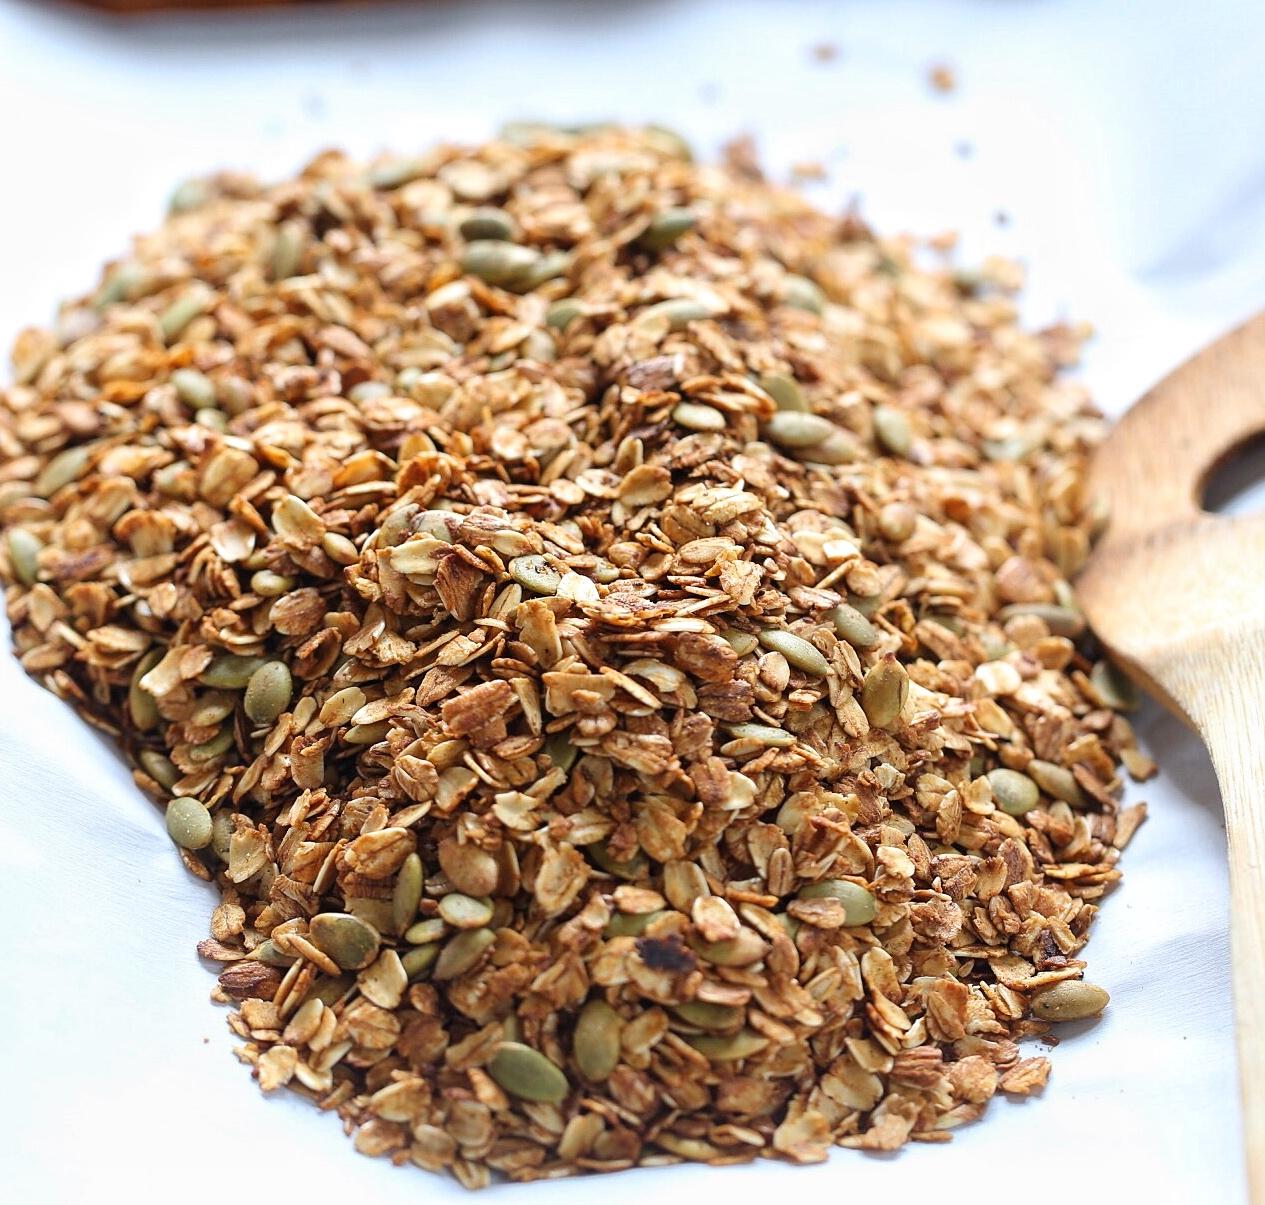 Stove top granola recipe with molasses